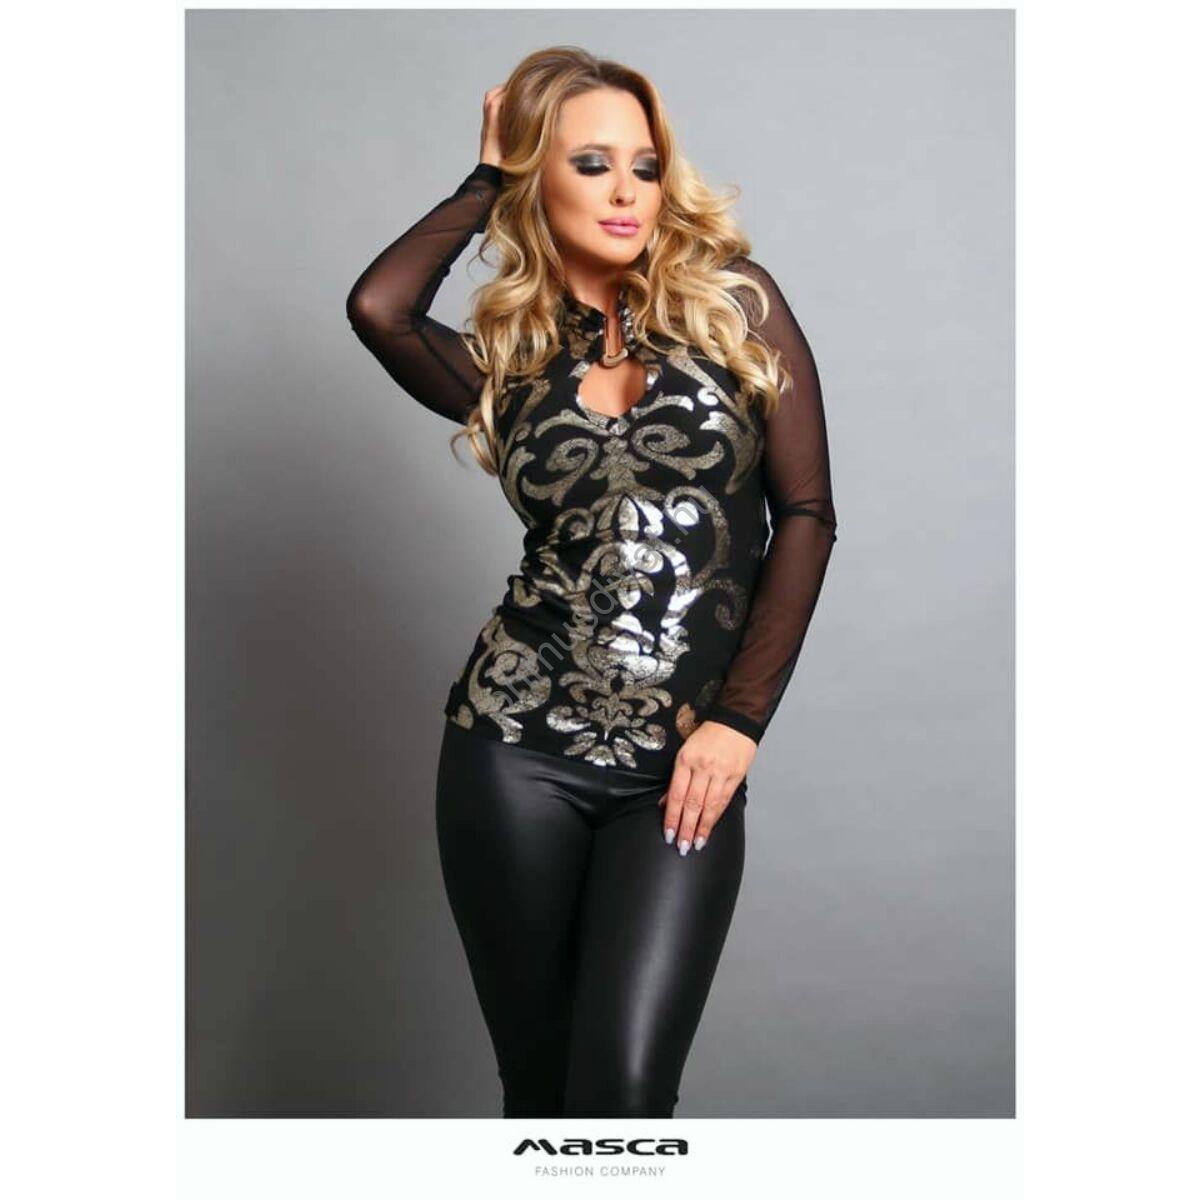 Masca Fashion kapoccsal összefogott állónyakú, kivágott dekoltázsú hosszú muszlin ujjú fekete alkalmi felső, elején nyomott világos arany mintával